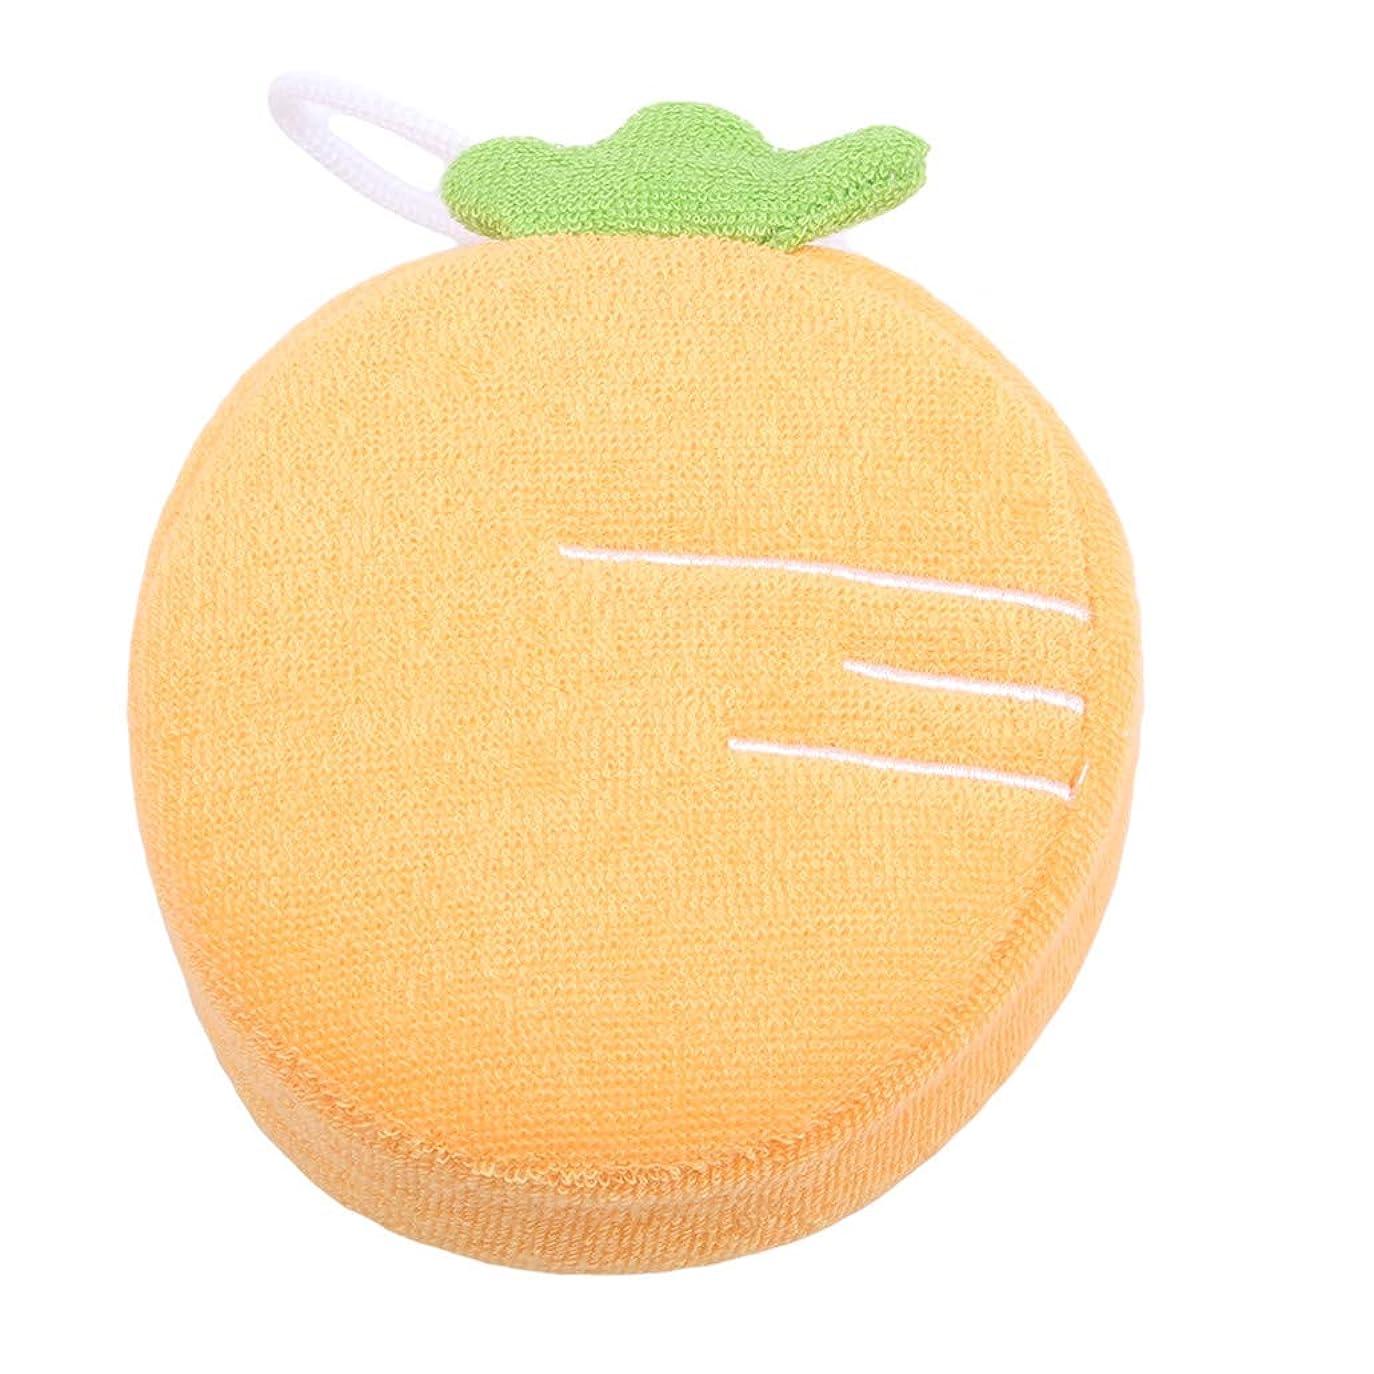 センター規模結果MARUIKAO ボディスポンジ ソフト かわいい 果物形 垢すりスポンジ ウォッシュ 入浴 シャワー用 マッサージ 毛穴清潔 角質除去 男女兼用 バス用品 柔らか